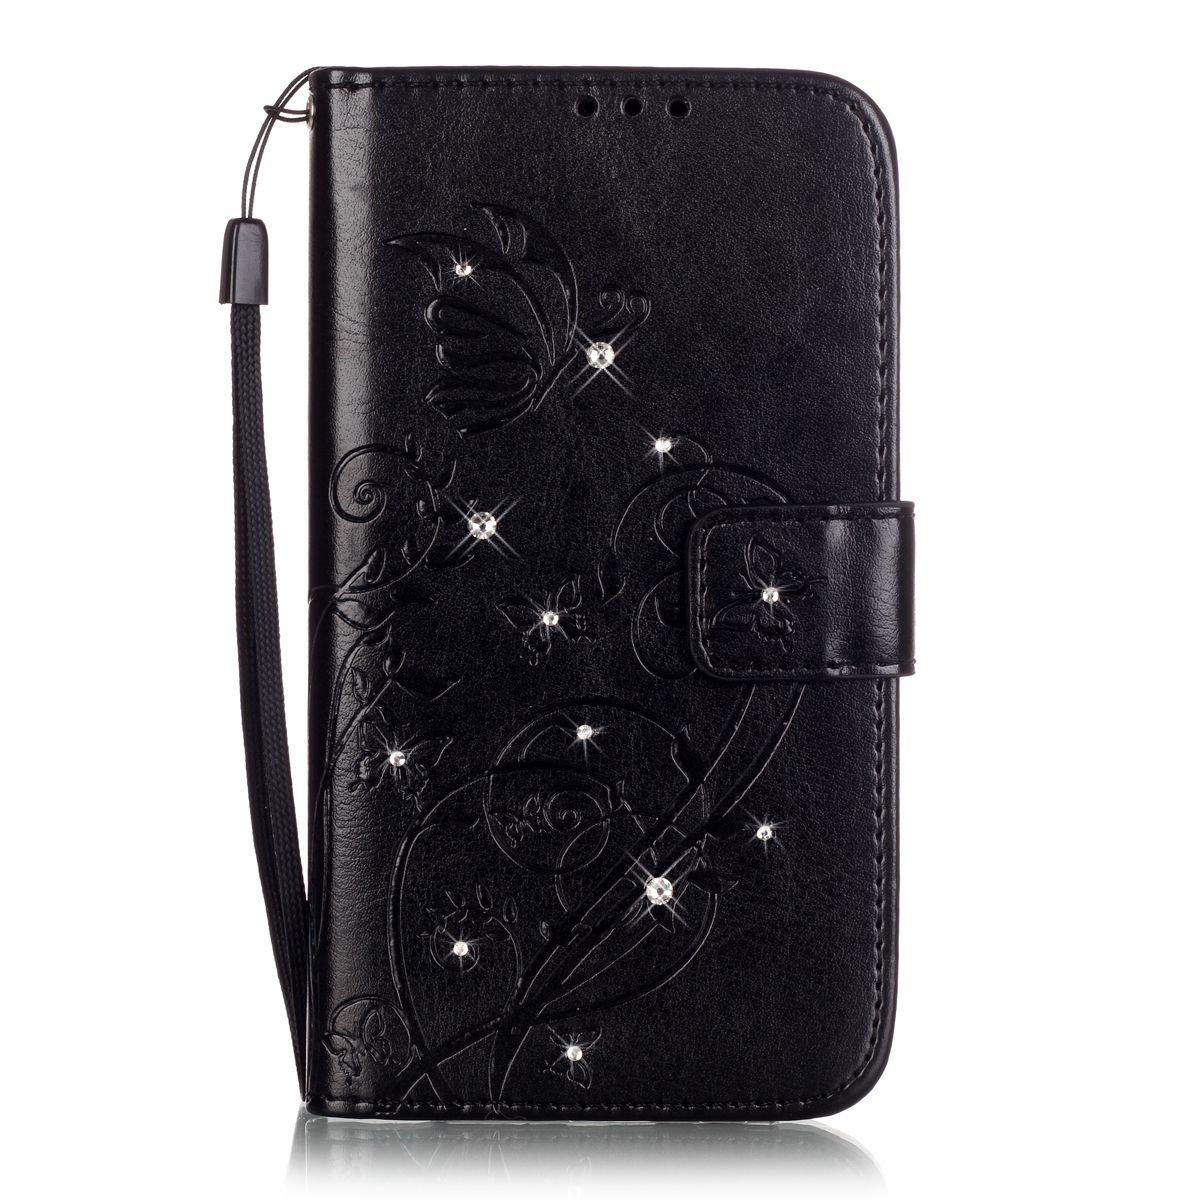 QPOLLY Compatible avec Coque Huawei P8 Lite 2017 Brillante Diamant Portefeuille en Cuir /Étui avec Fentes de Cartes /Él/égant Motif Fleur Glitter Bling Strass Flip Case Housse avec Fonction Stand,Noir